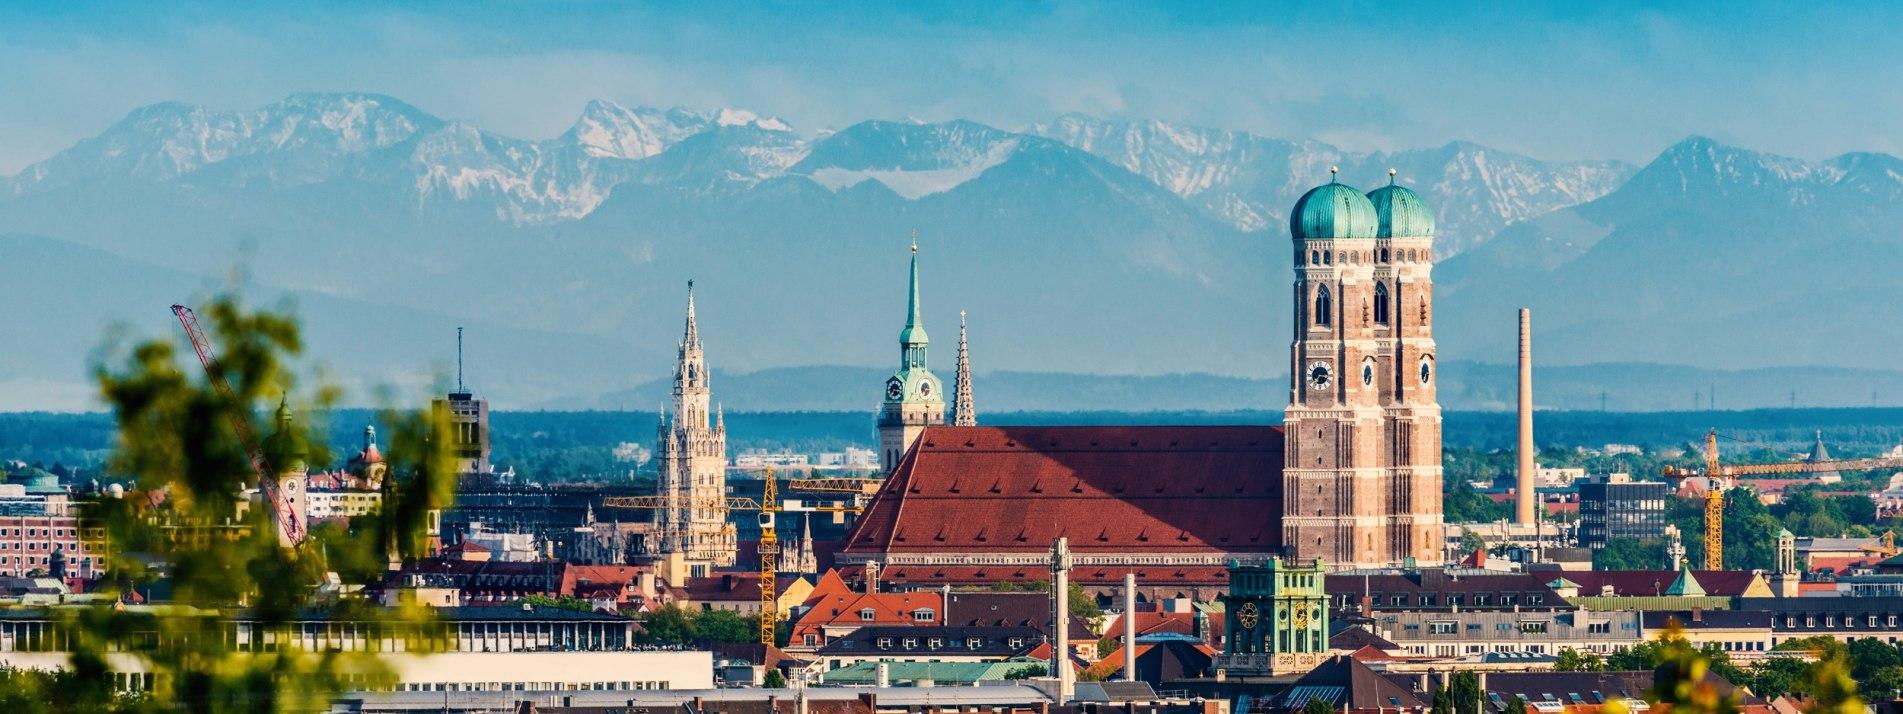 Blick auf die Alpen über den Dächern von München - BAHNHIT.DE, © getty, Foto: jotily